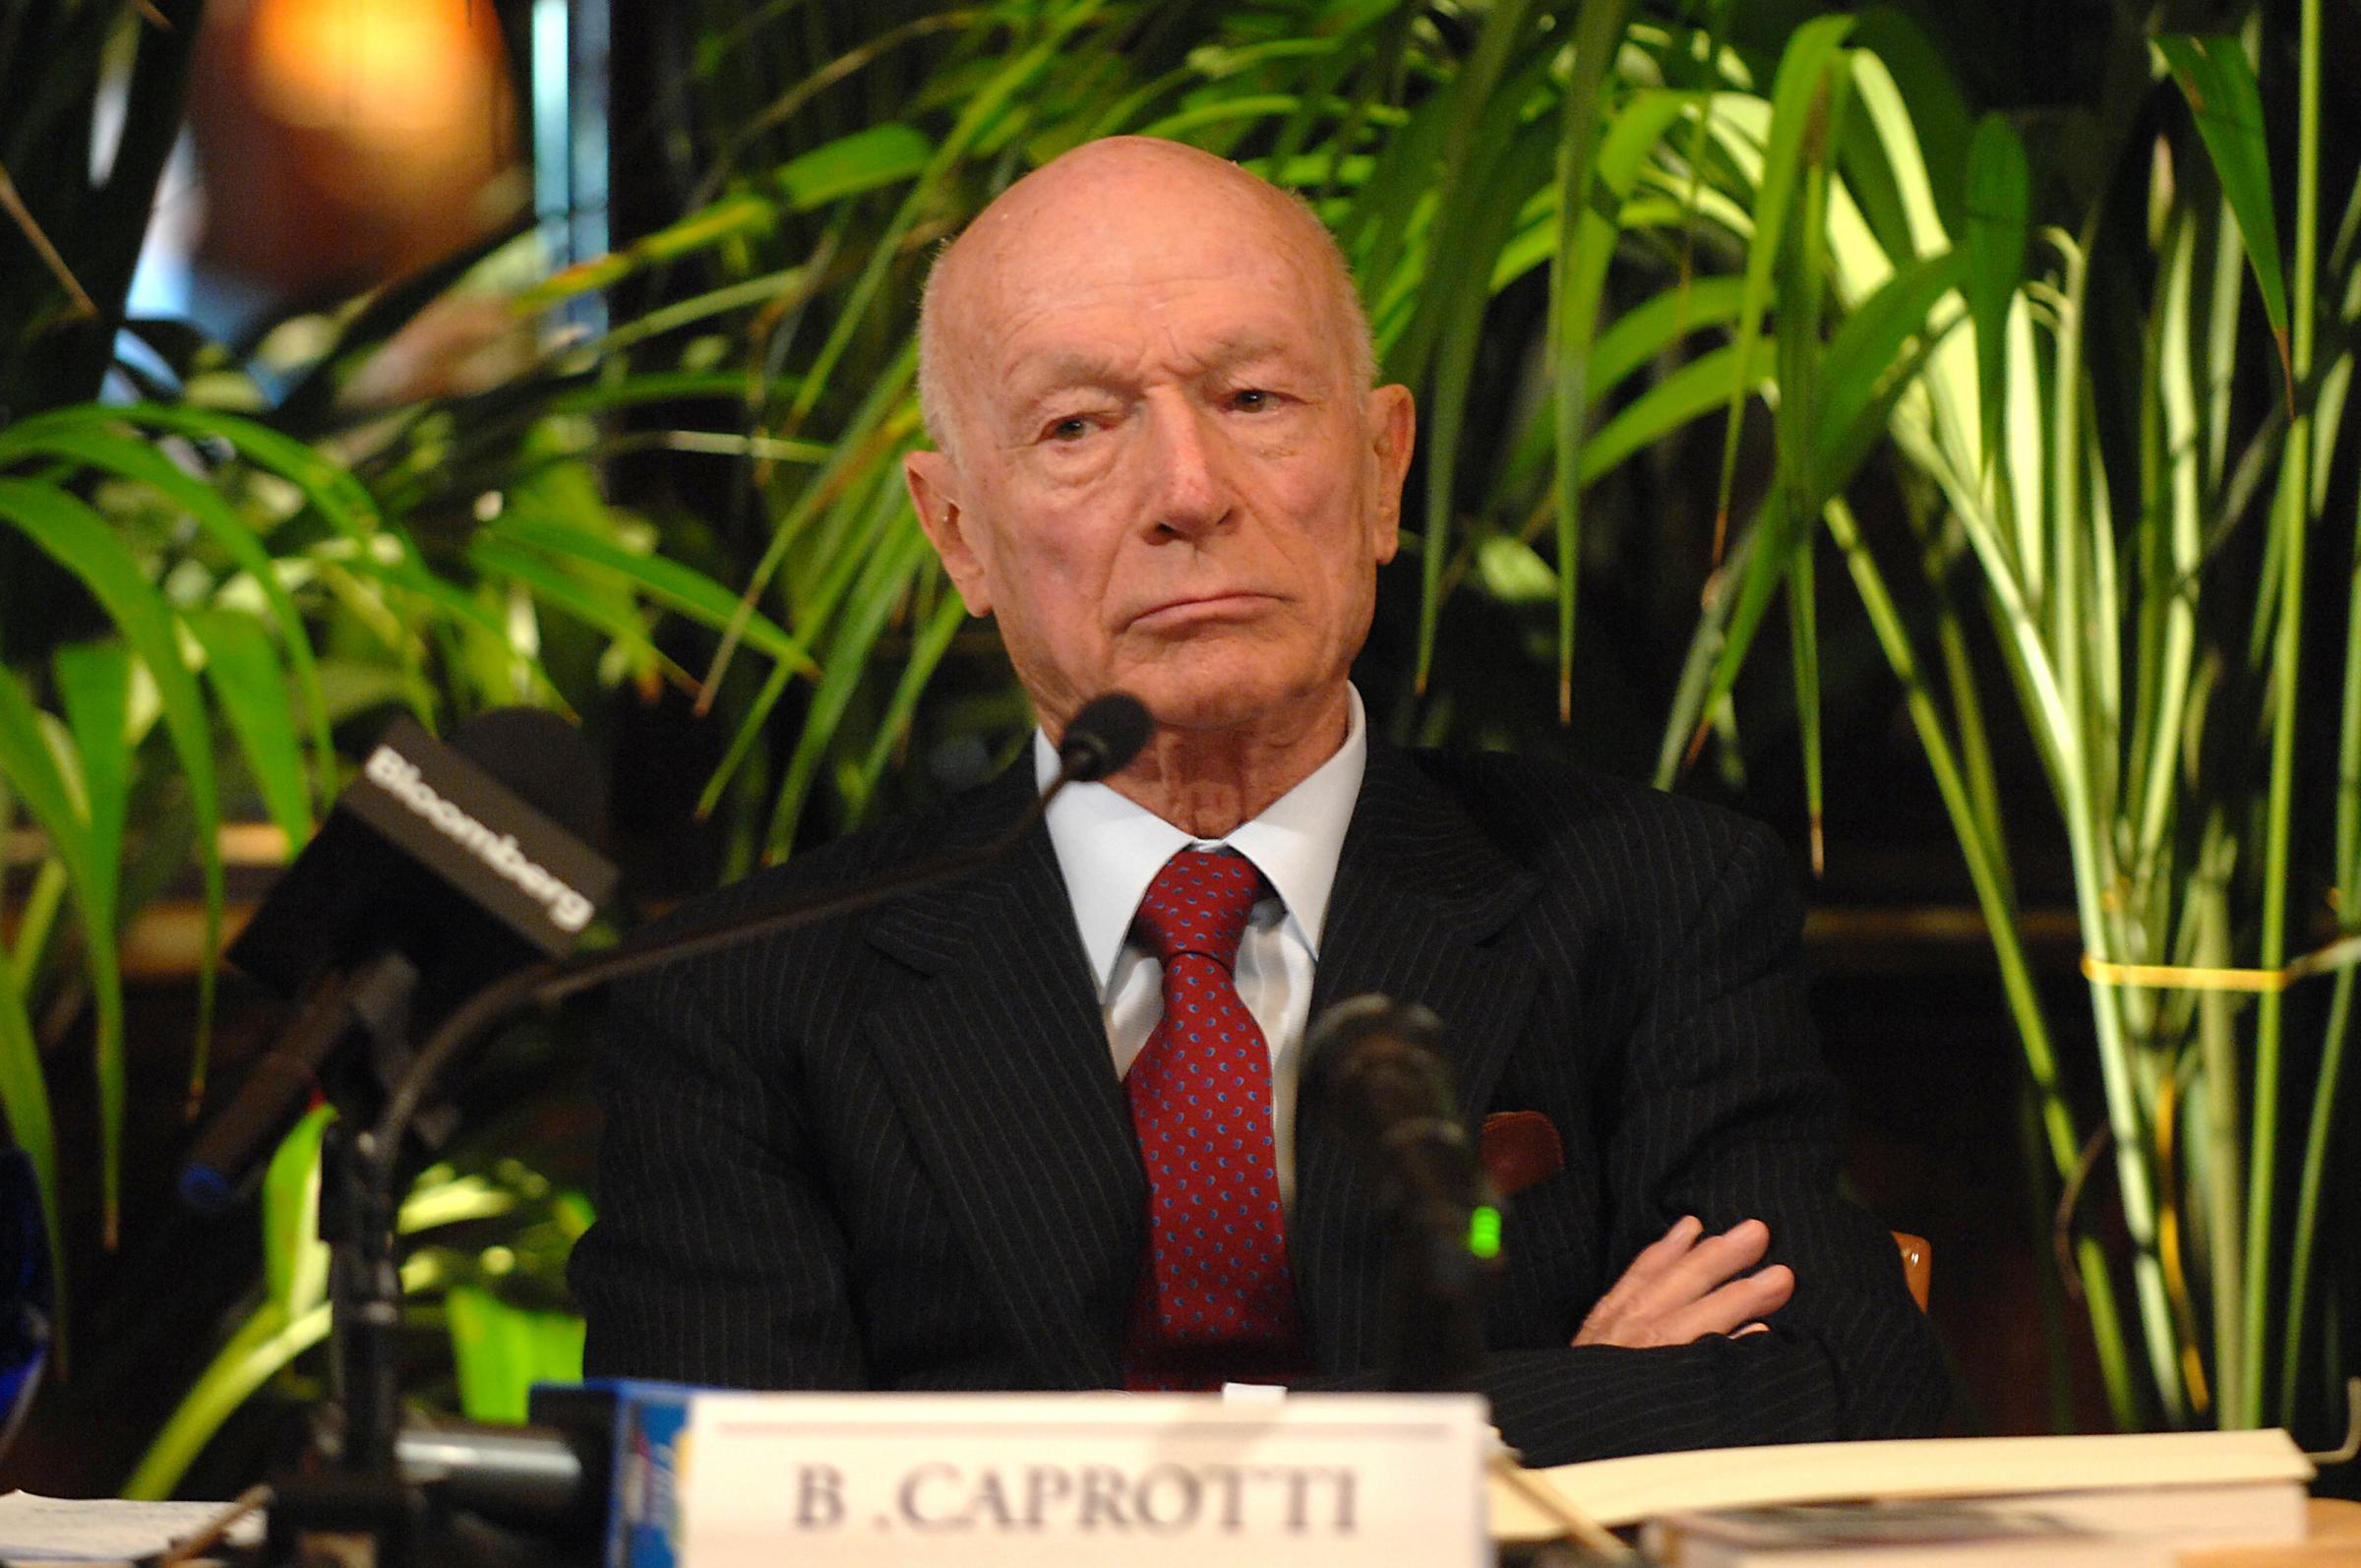 """Esselunga, il testamento di Caprotti: """"Non vendete mai alle coop"""""""